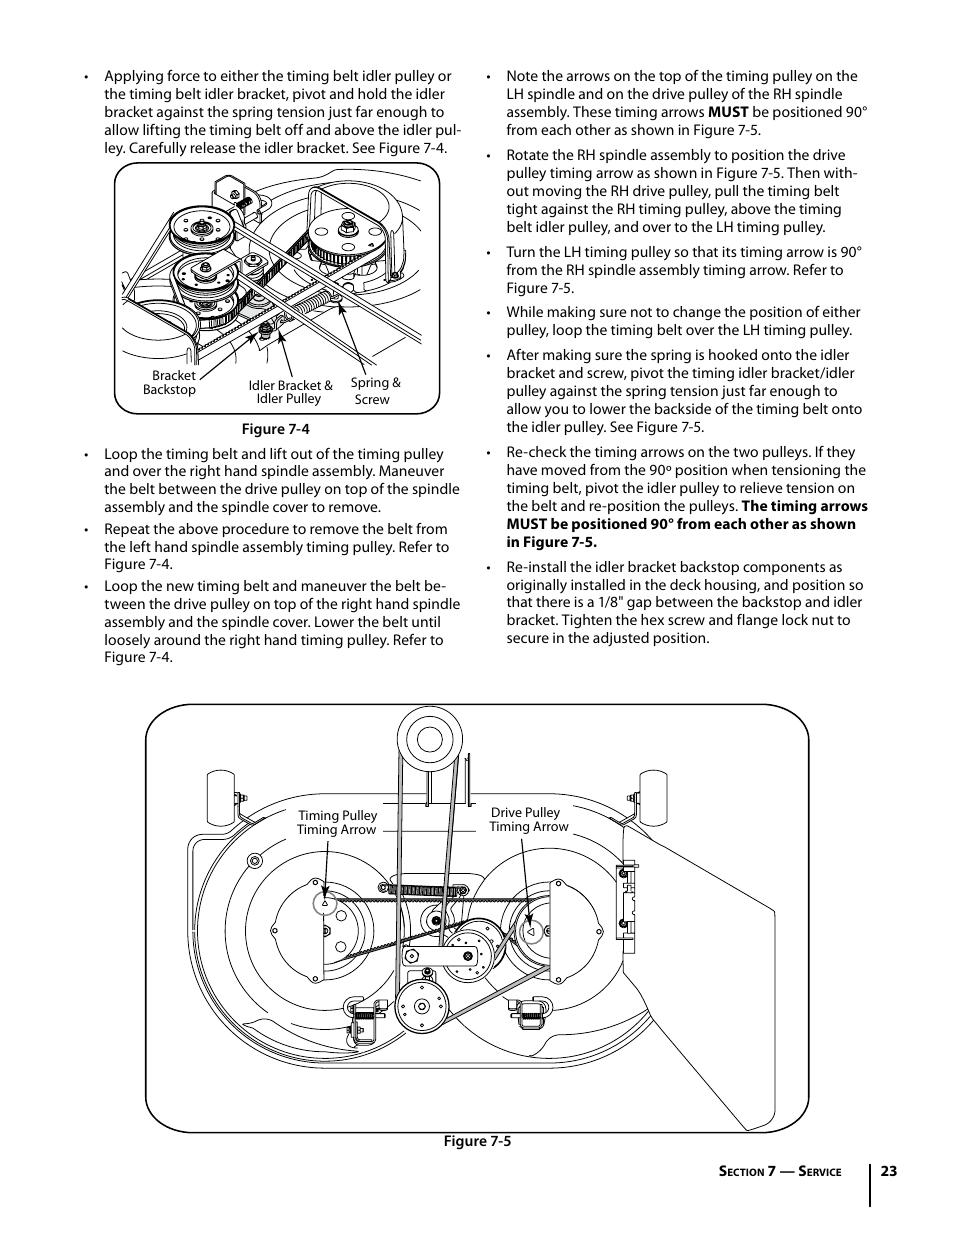 cub cadet i1042 user manual page 23 56 original mode rh manualsdir com Cub Cadet I1046 cub cadet i1042 zero turn manual